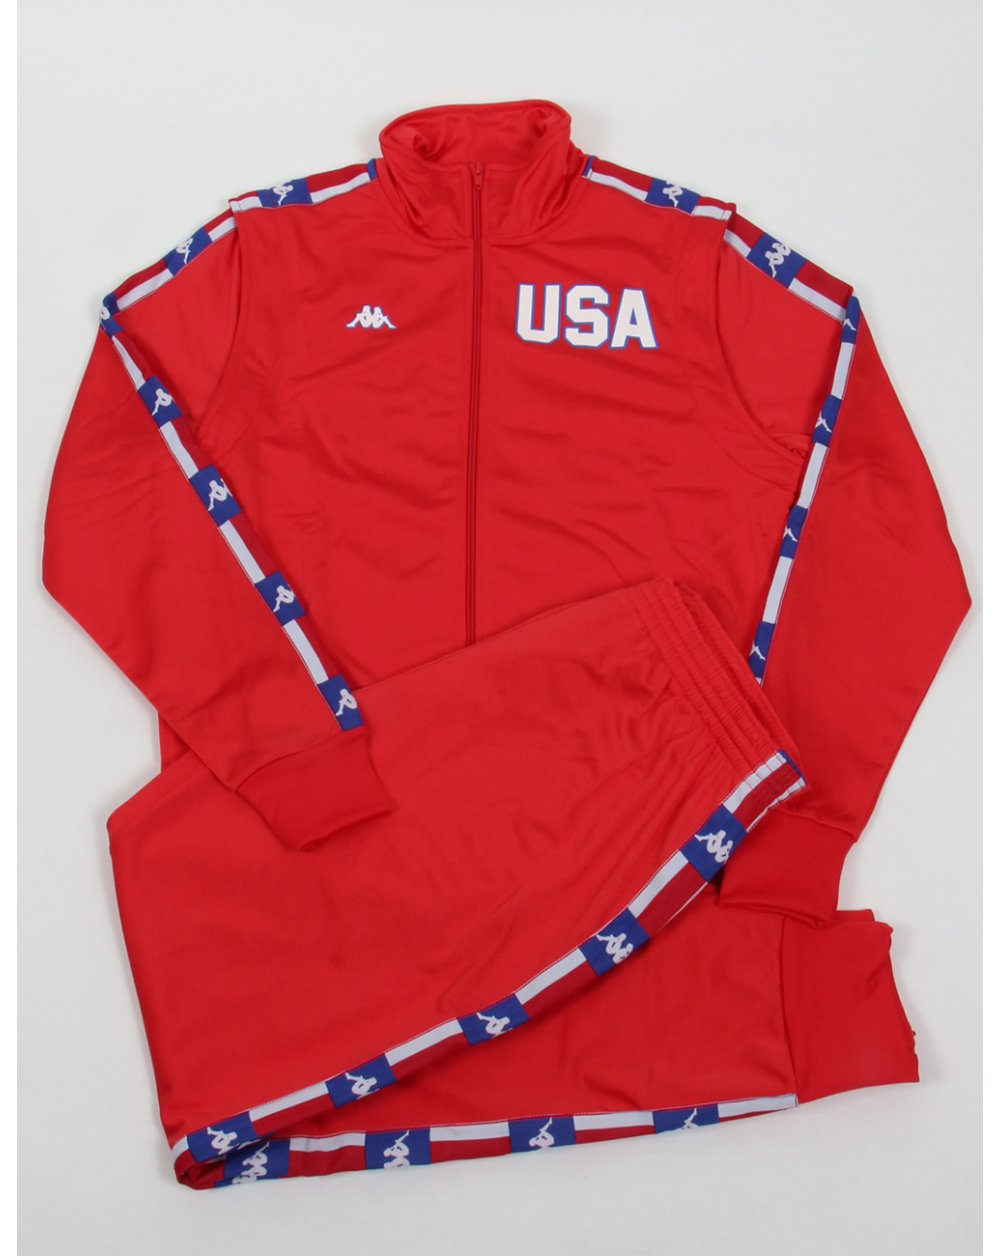 0dd7547838 Robe Di Kappa La84 Usa Olympic Full Tracksuit Red